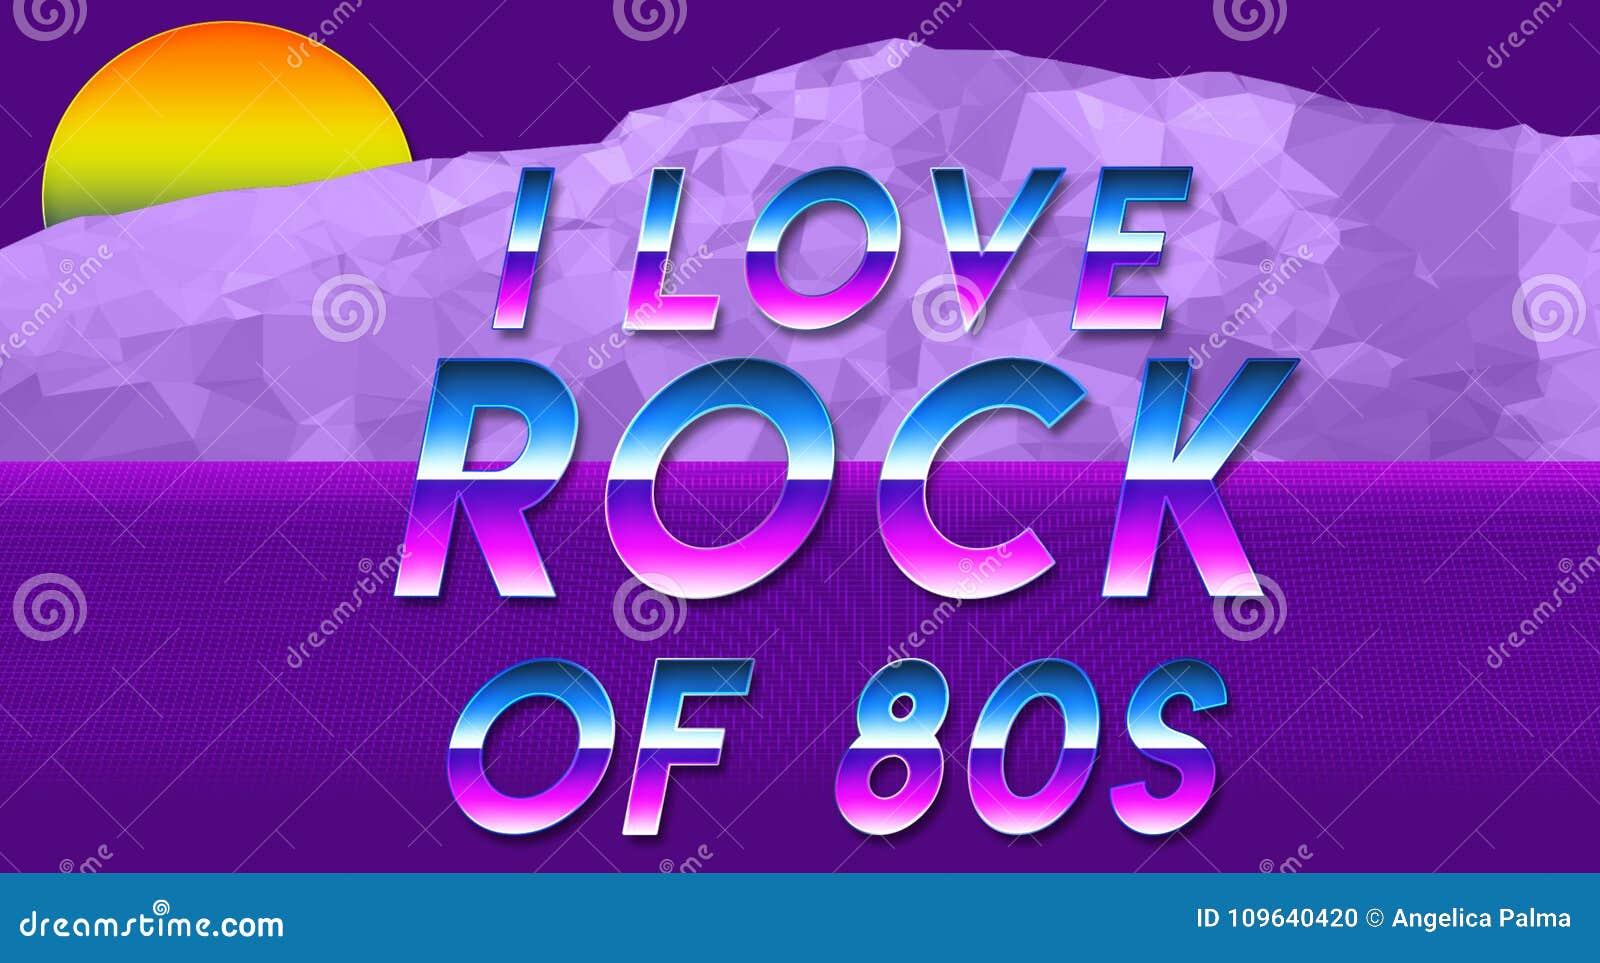 Sentence I Love The 80s Vaporwave Effect New Cool Wallpaper Stock